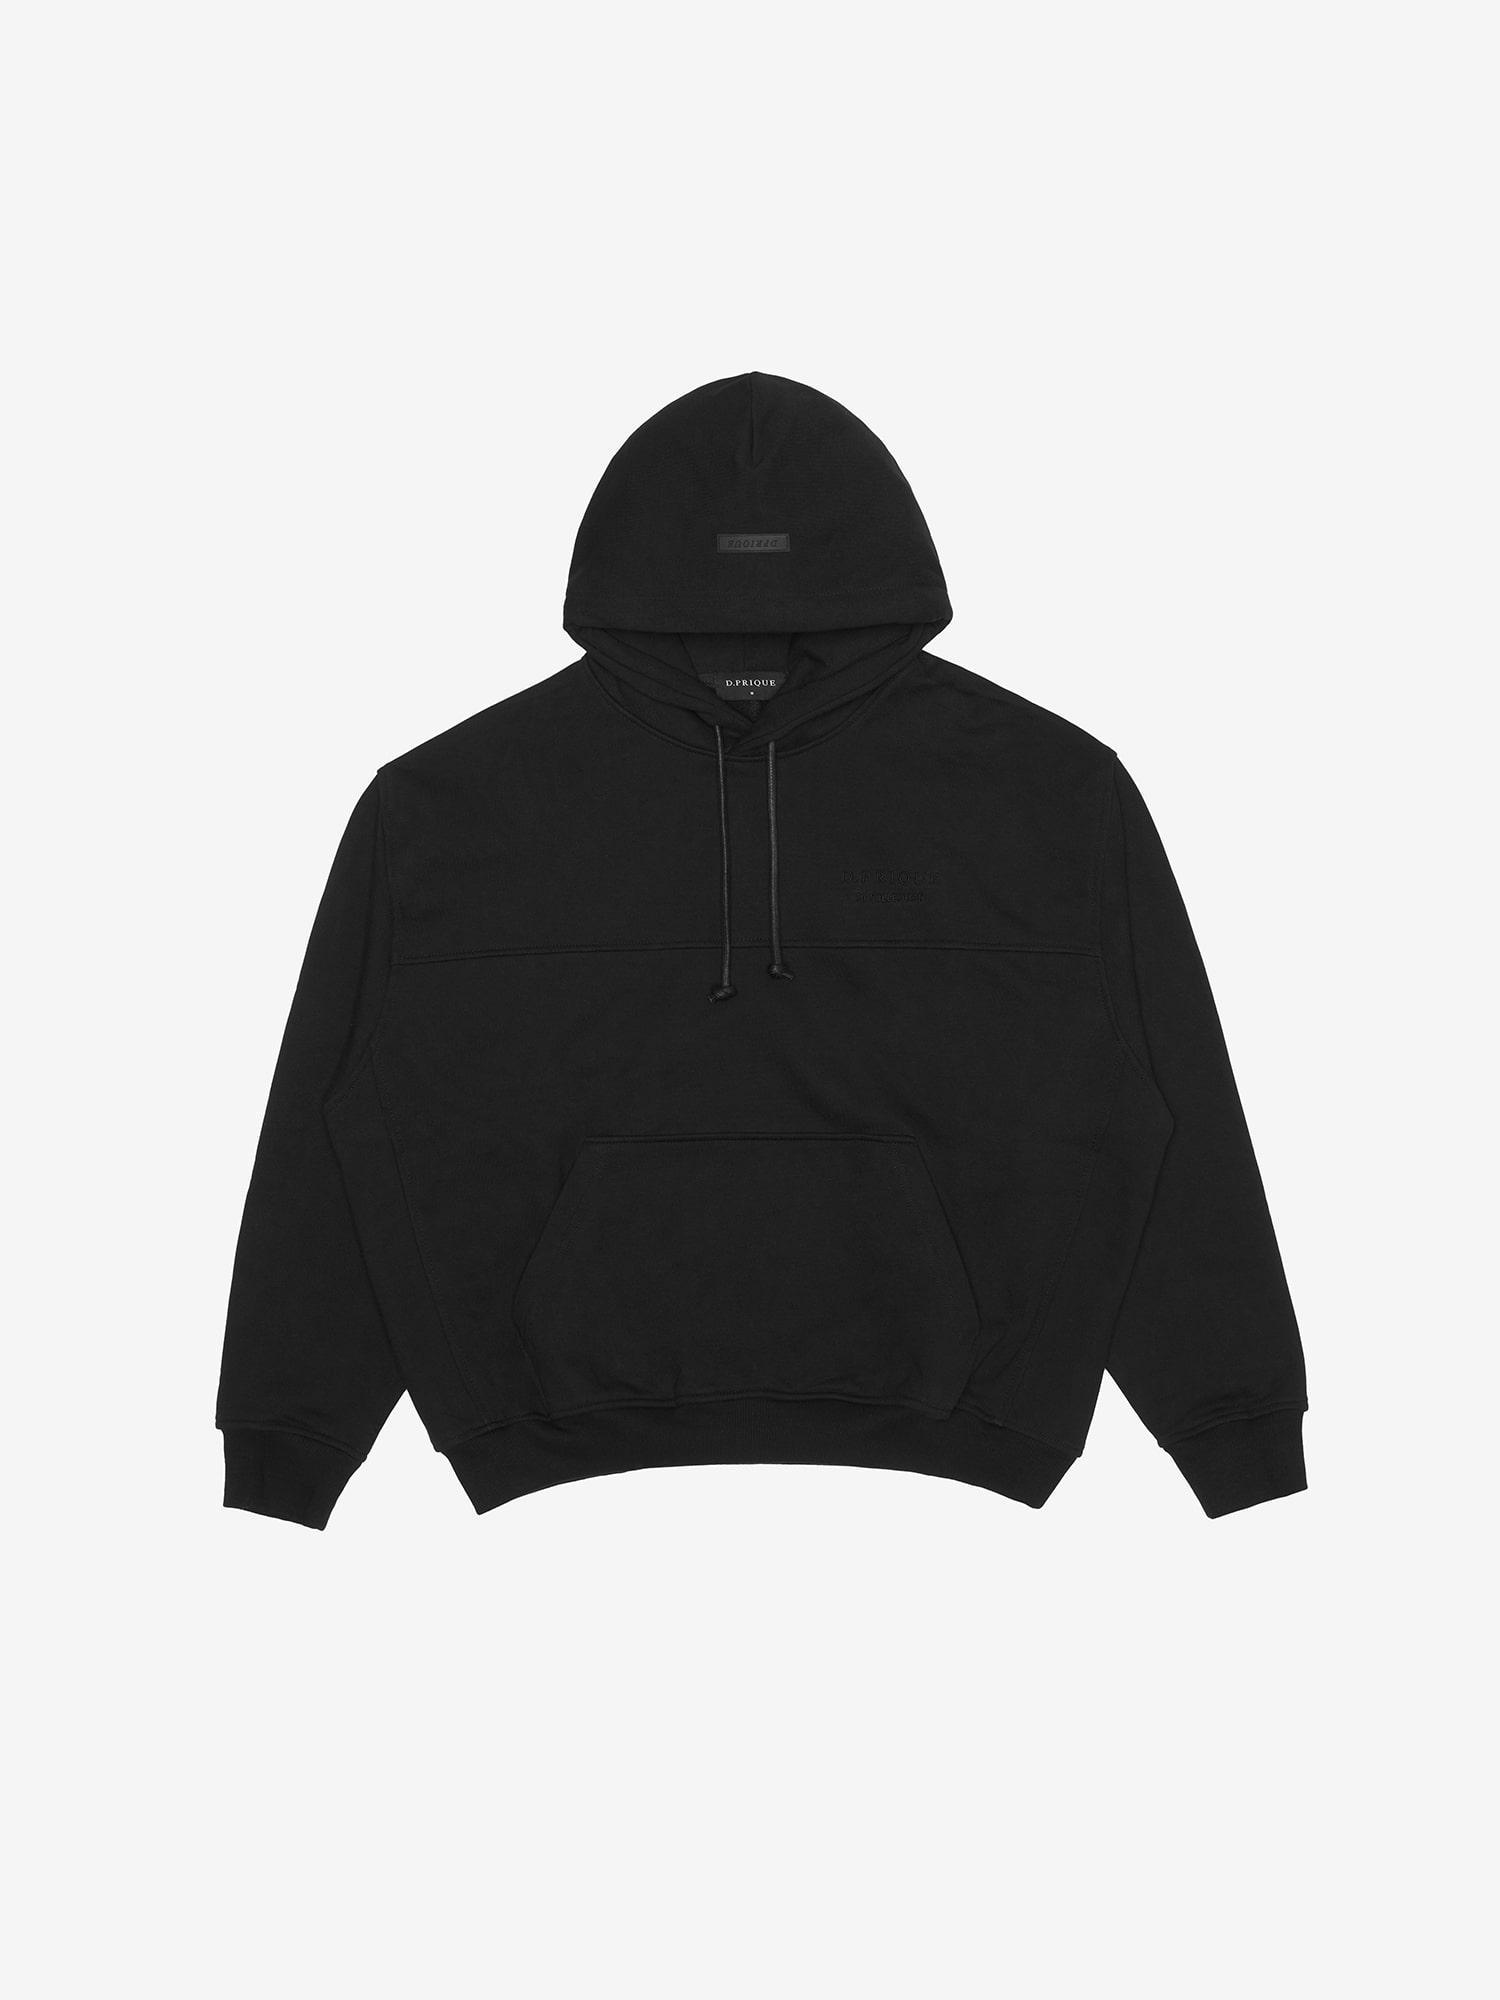 06 Oversized Hoodie- Black